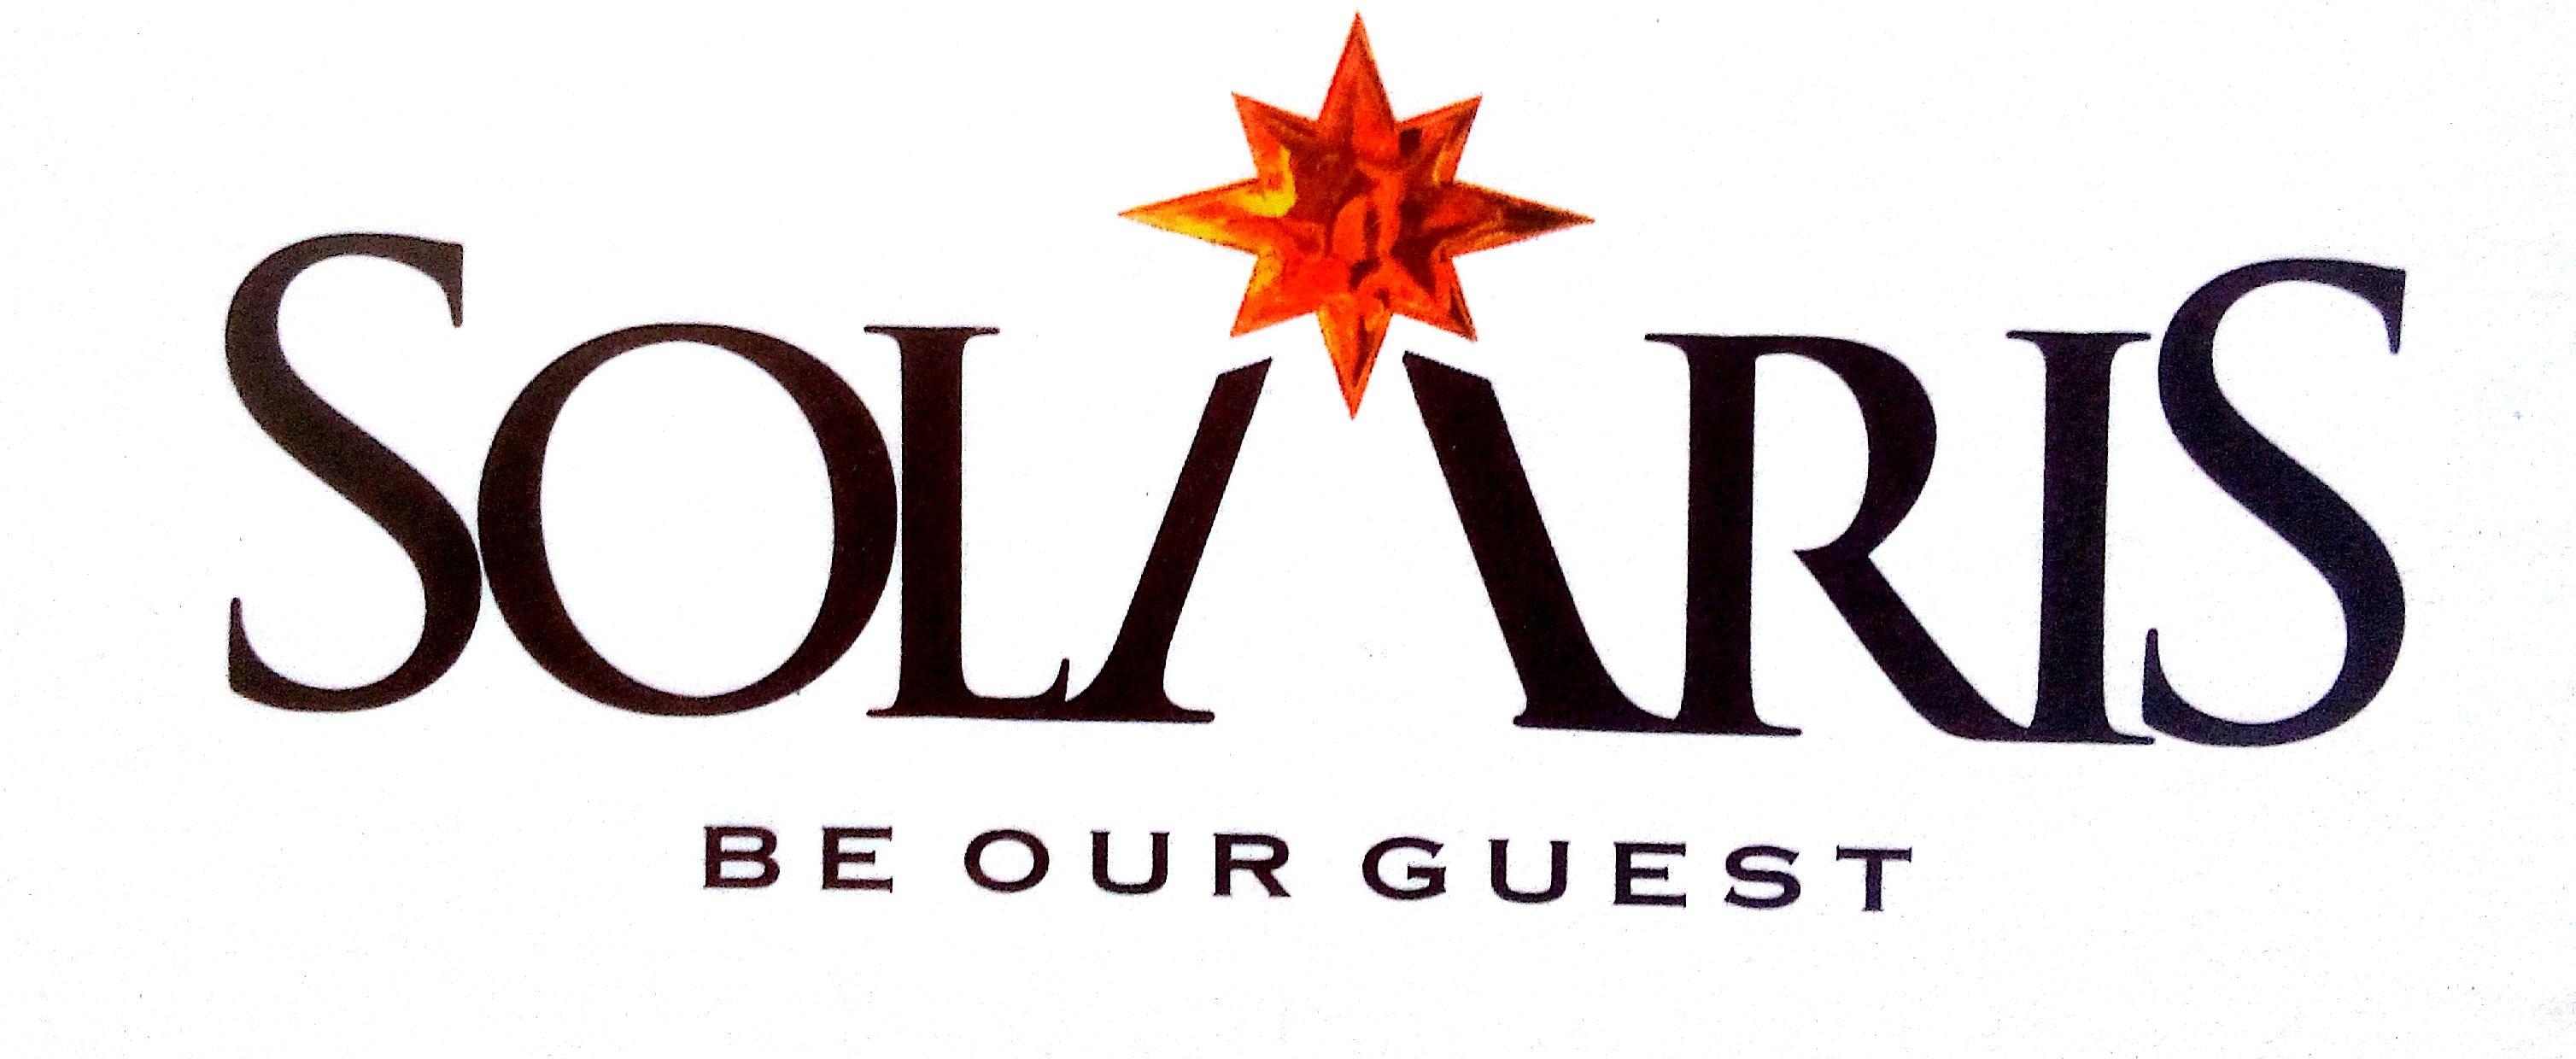 Solaris Club and Resort